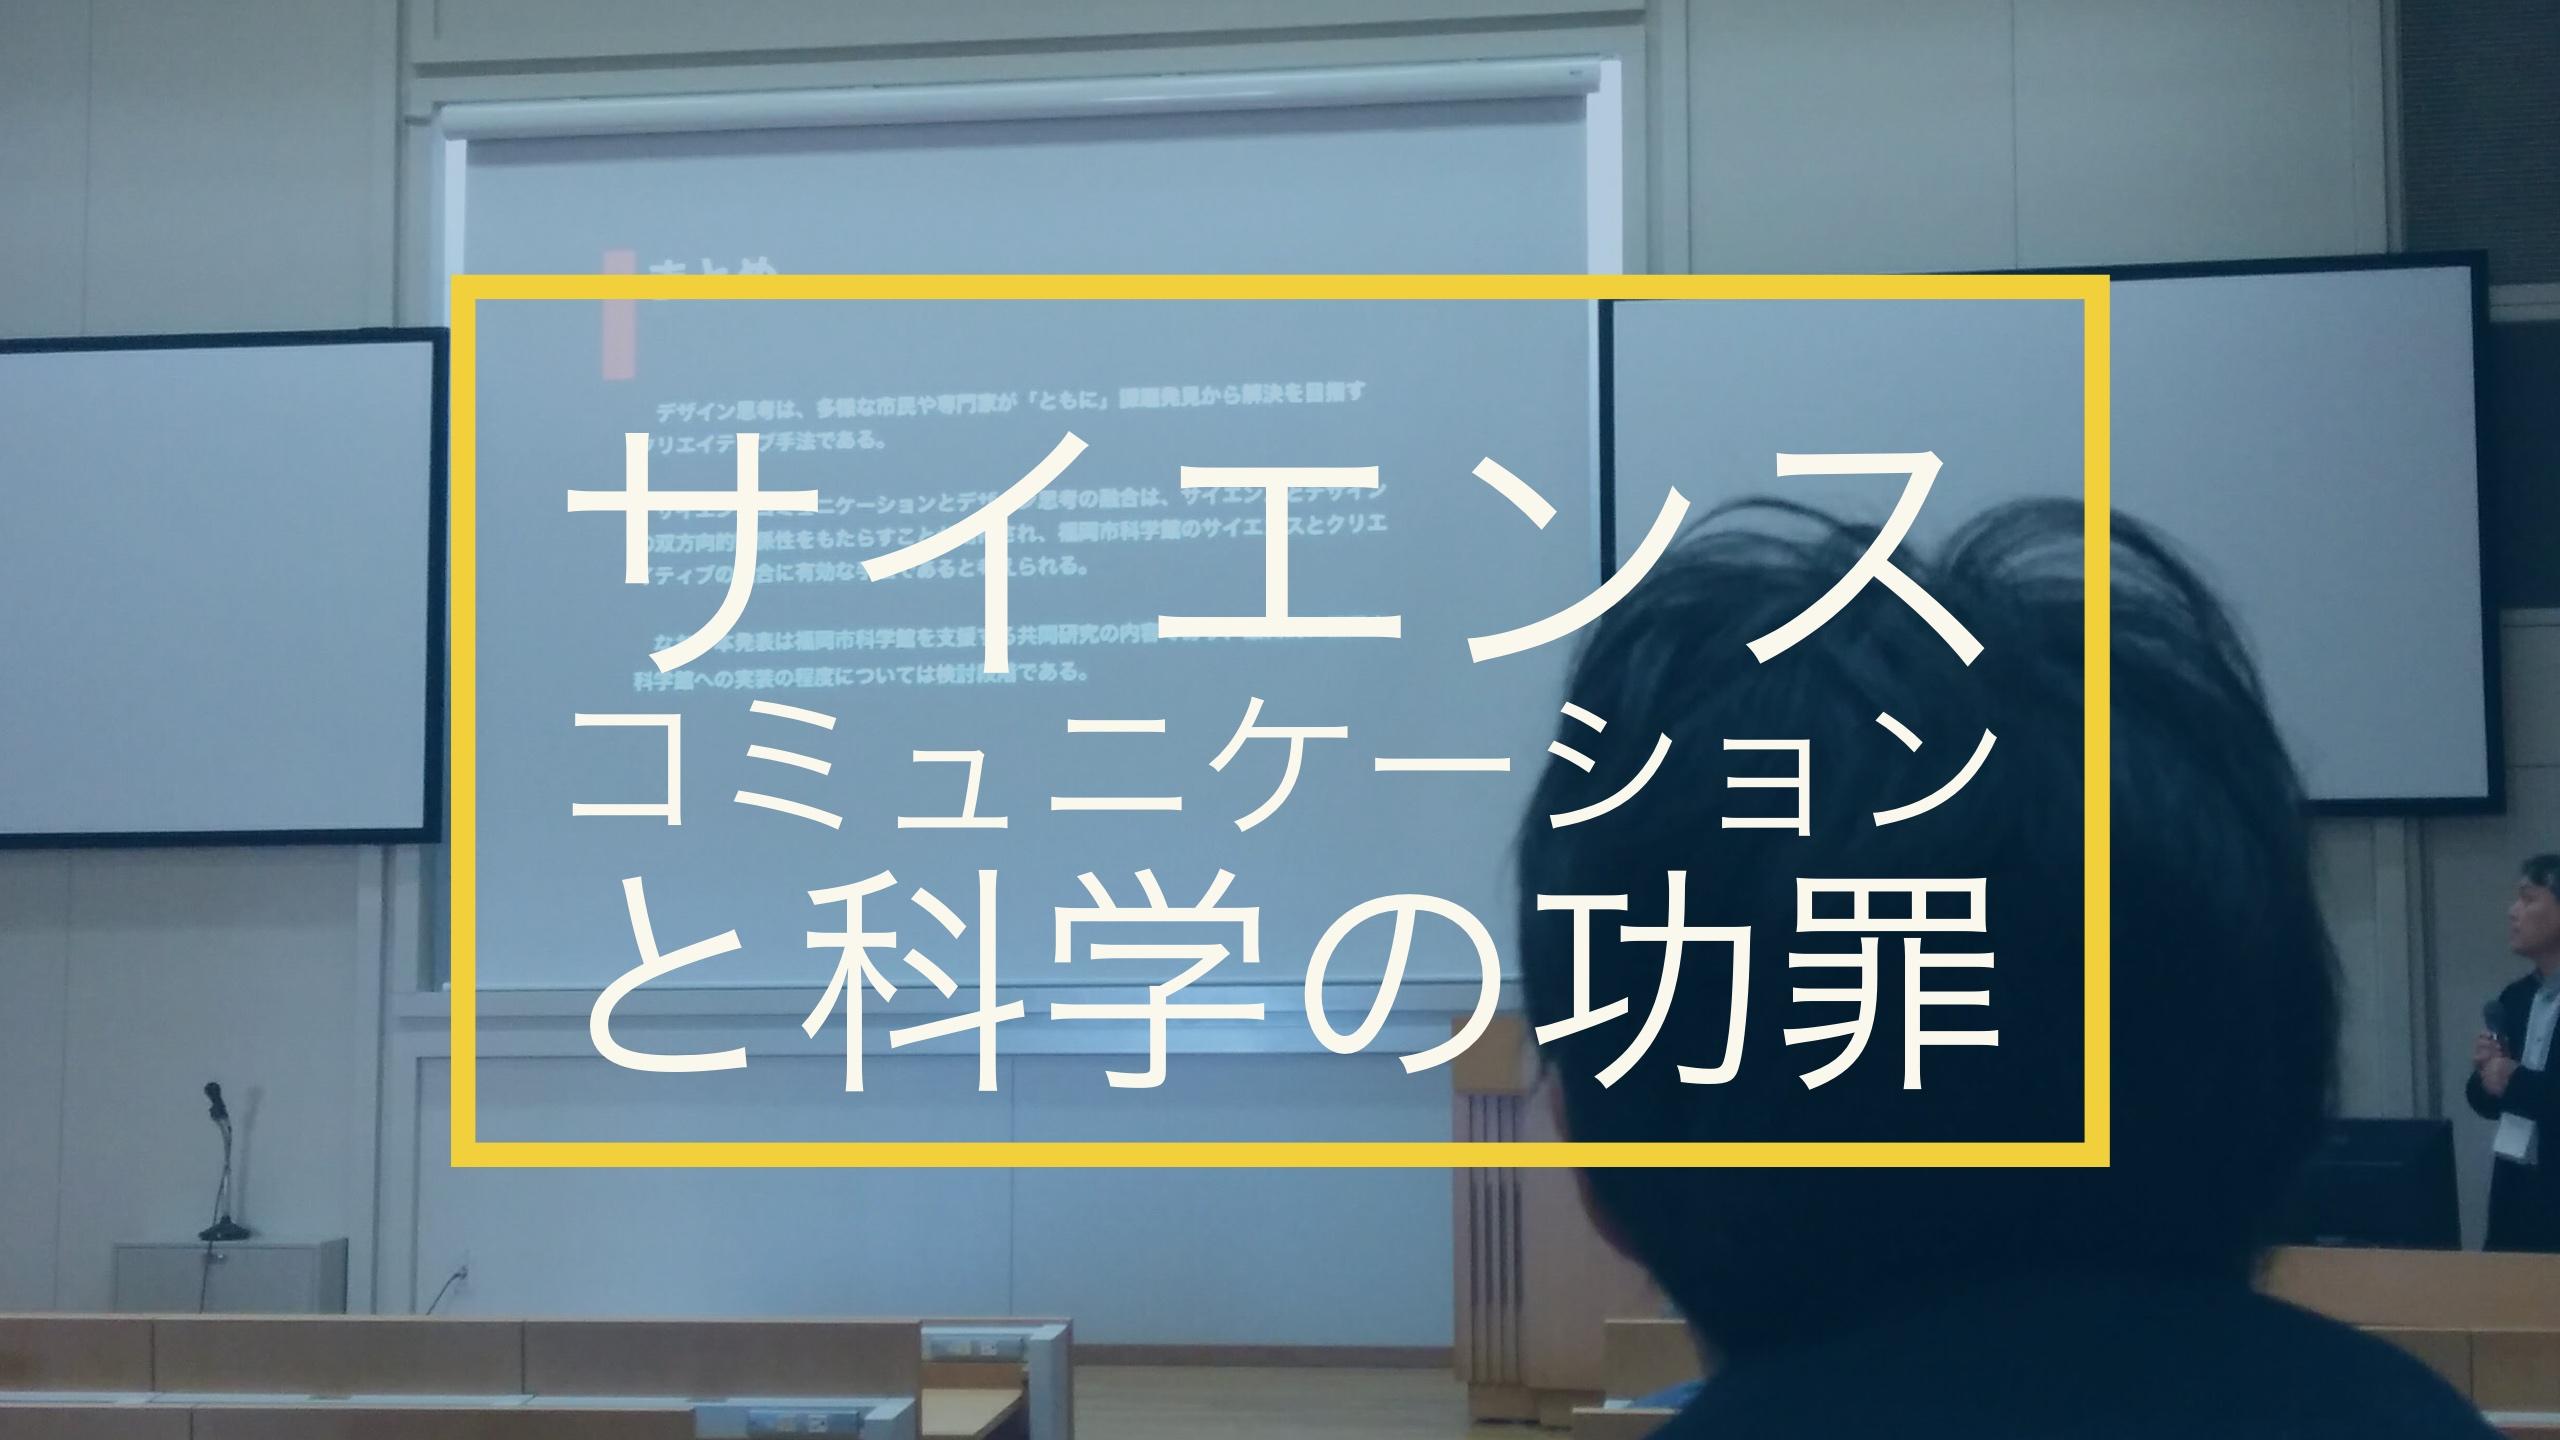 サイエンスコミュニケーションと科学の功罪―日本サイエンスコミュニケーション協会年会に参加した感想